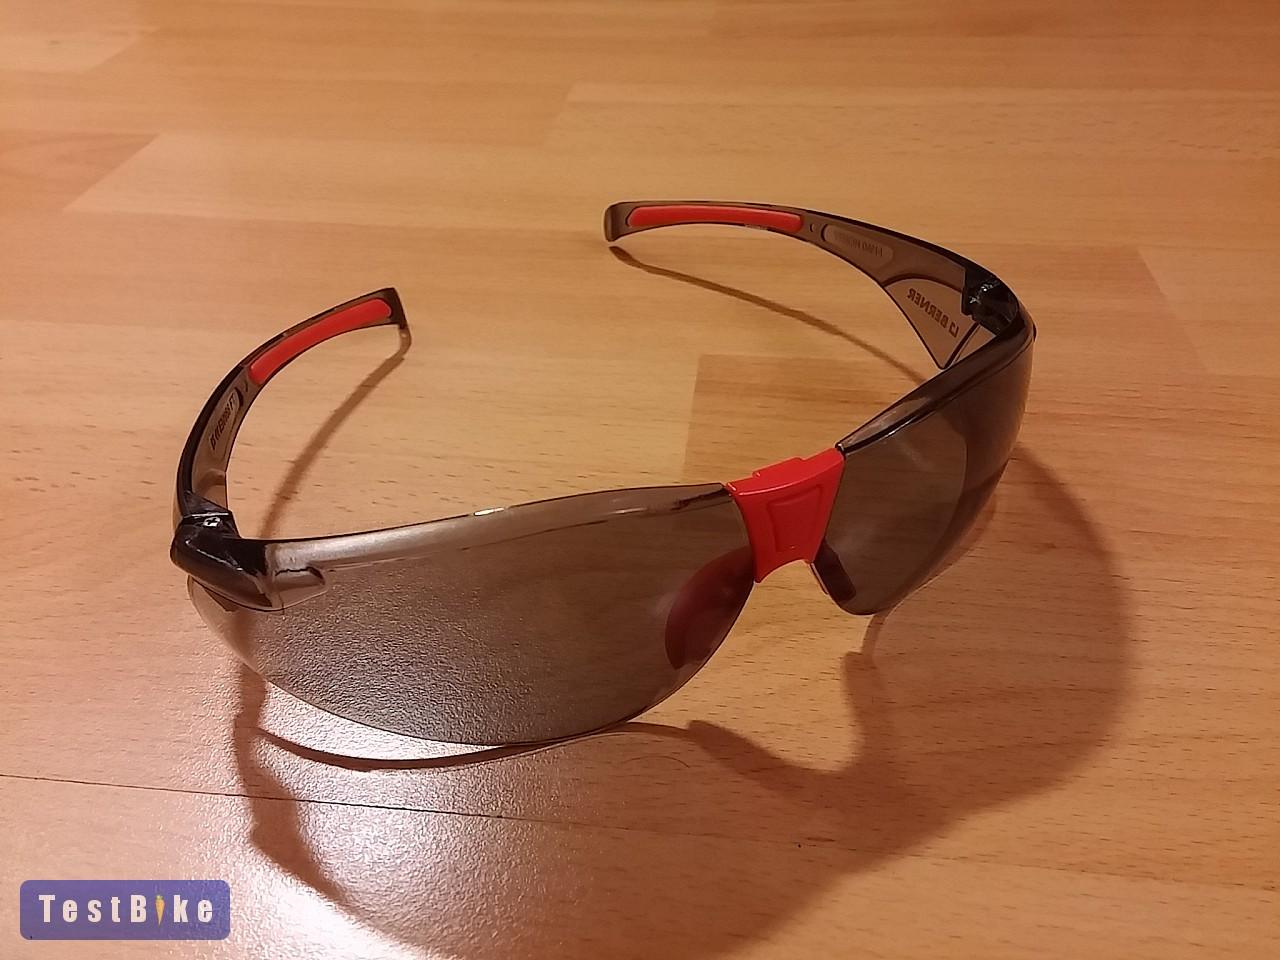 Teszt  Berner Vision védőszemüvegek szemüveg   vásárlás 517a10c1e7